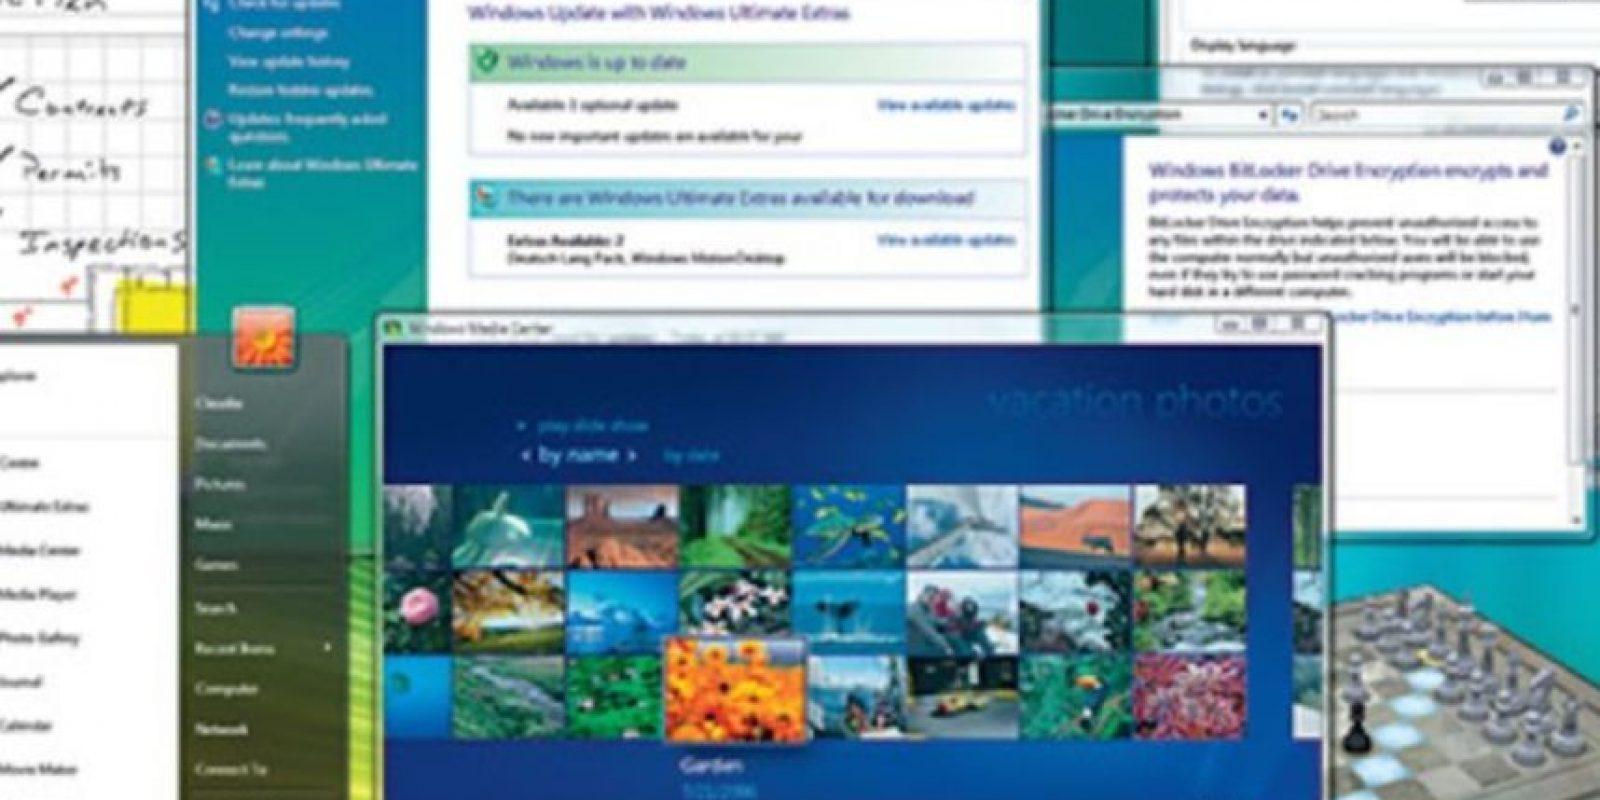 En el año 2006, Microsoft anunció la llegada del Windows Vista. Así es como lucía la interfaz. Foto:Vía windows.microsoft.com